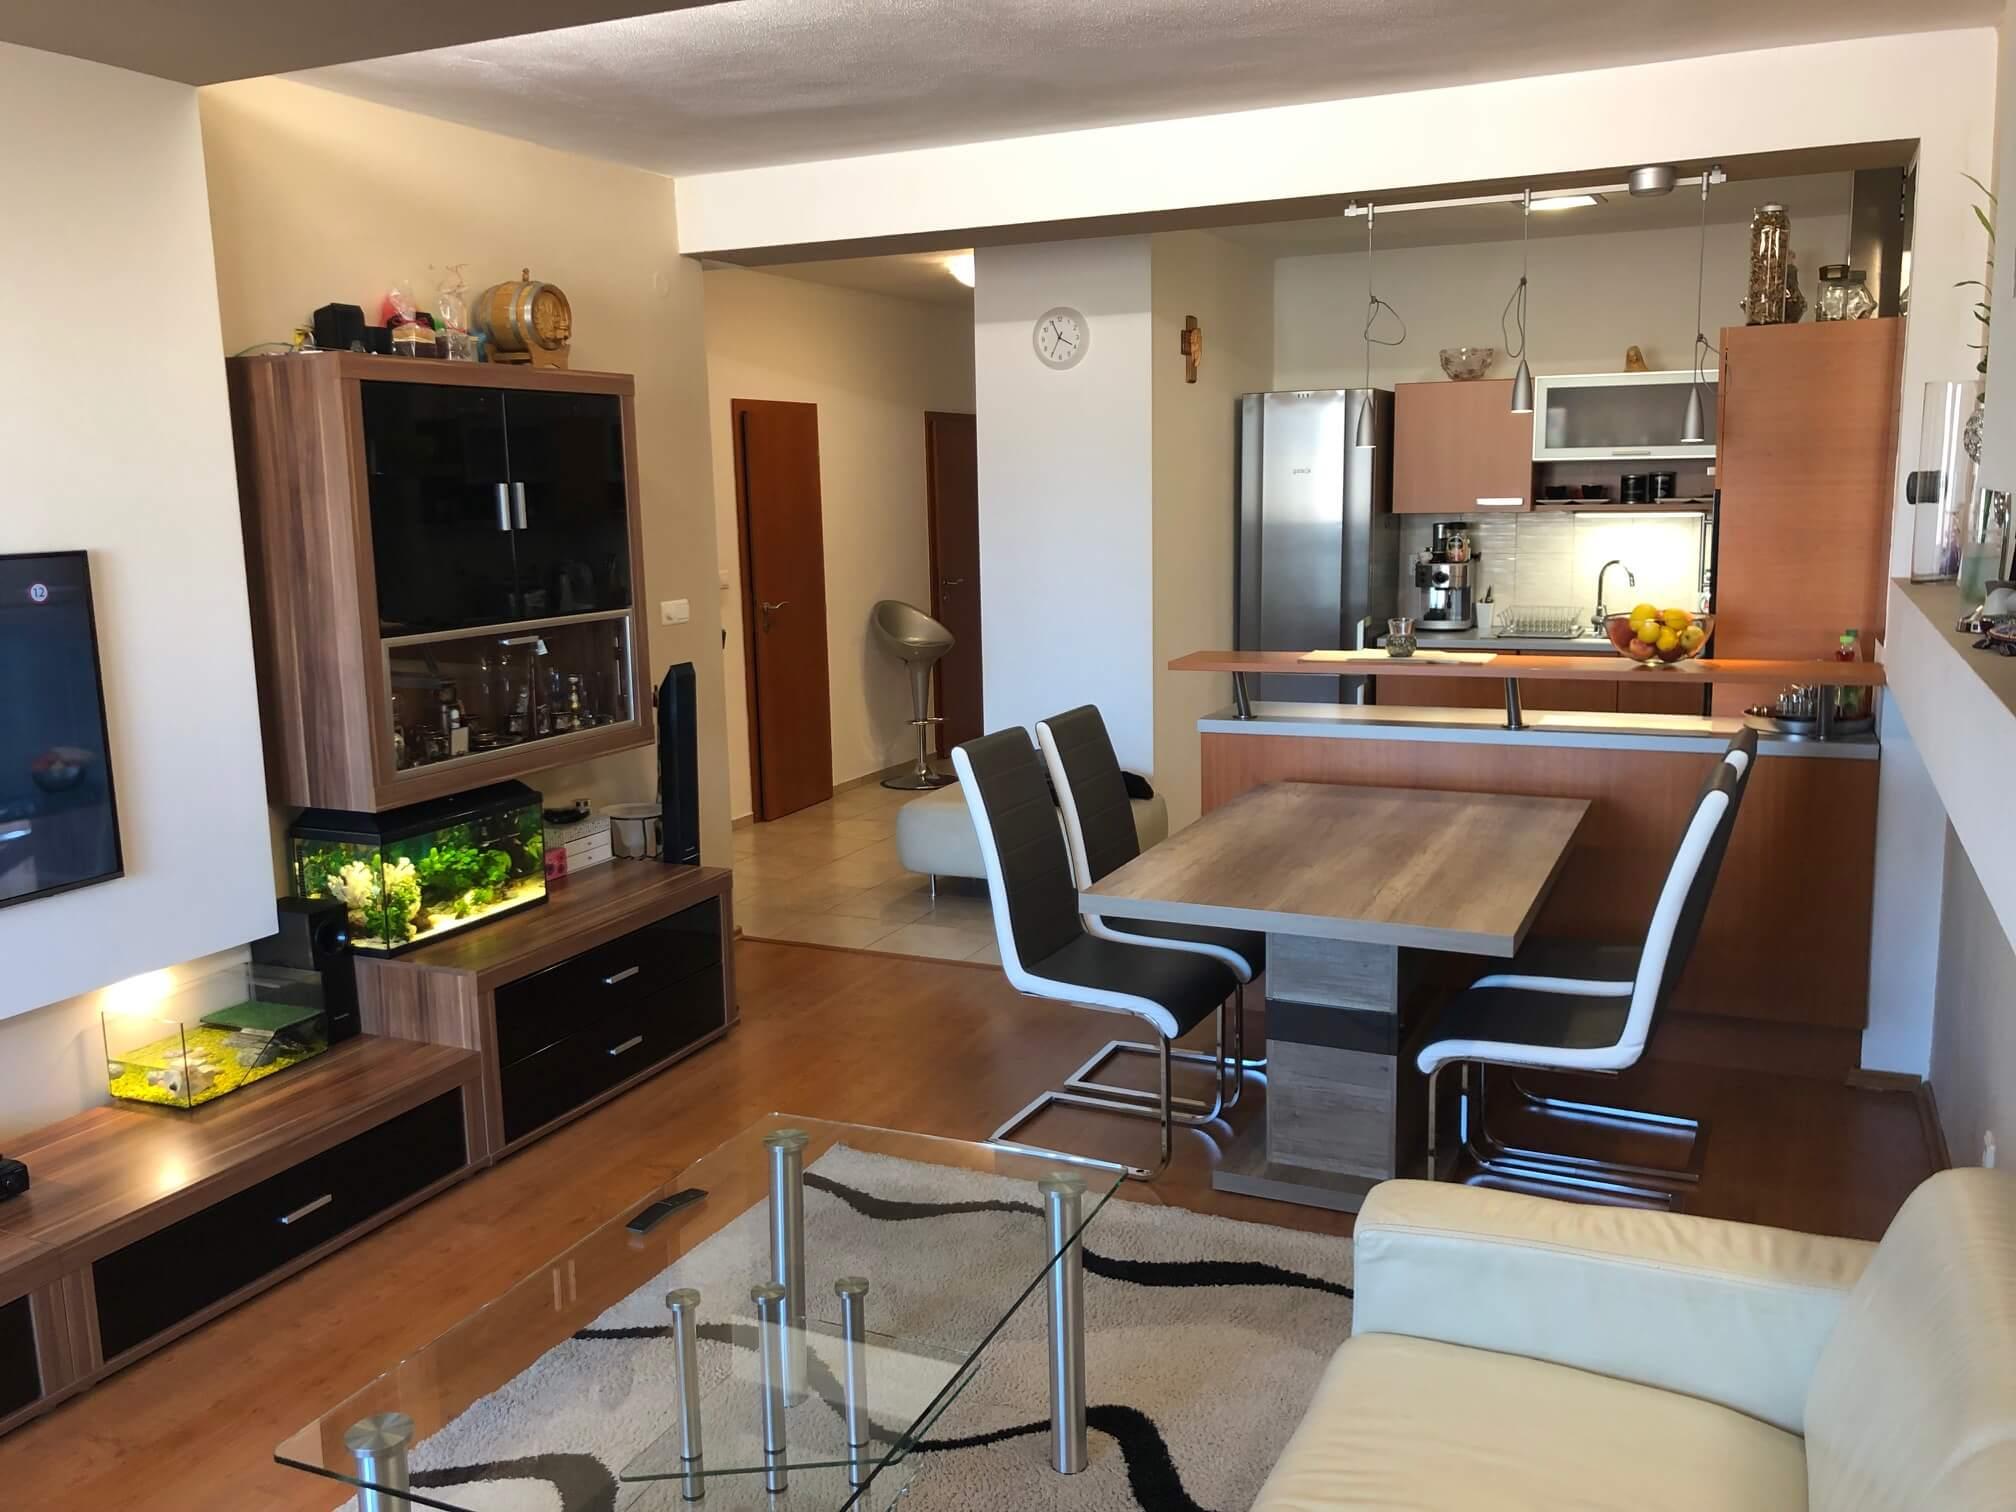 Predané: Exkluzívne na predaj 3 izb. byt, 72 m2, balkón 8 m2, parkovacie státie, Bratislava, Petržalka, Budatínska-2